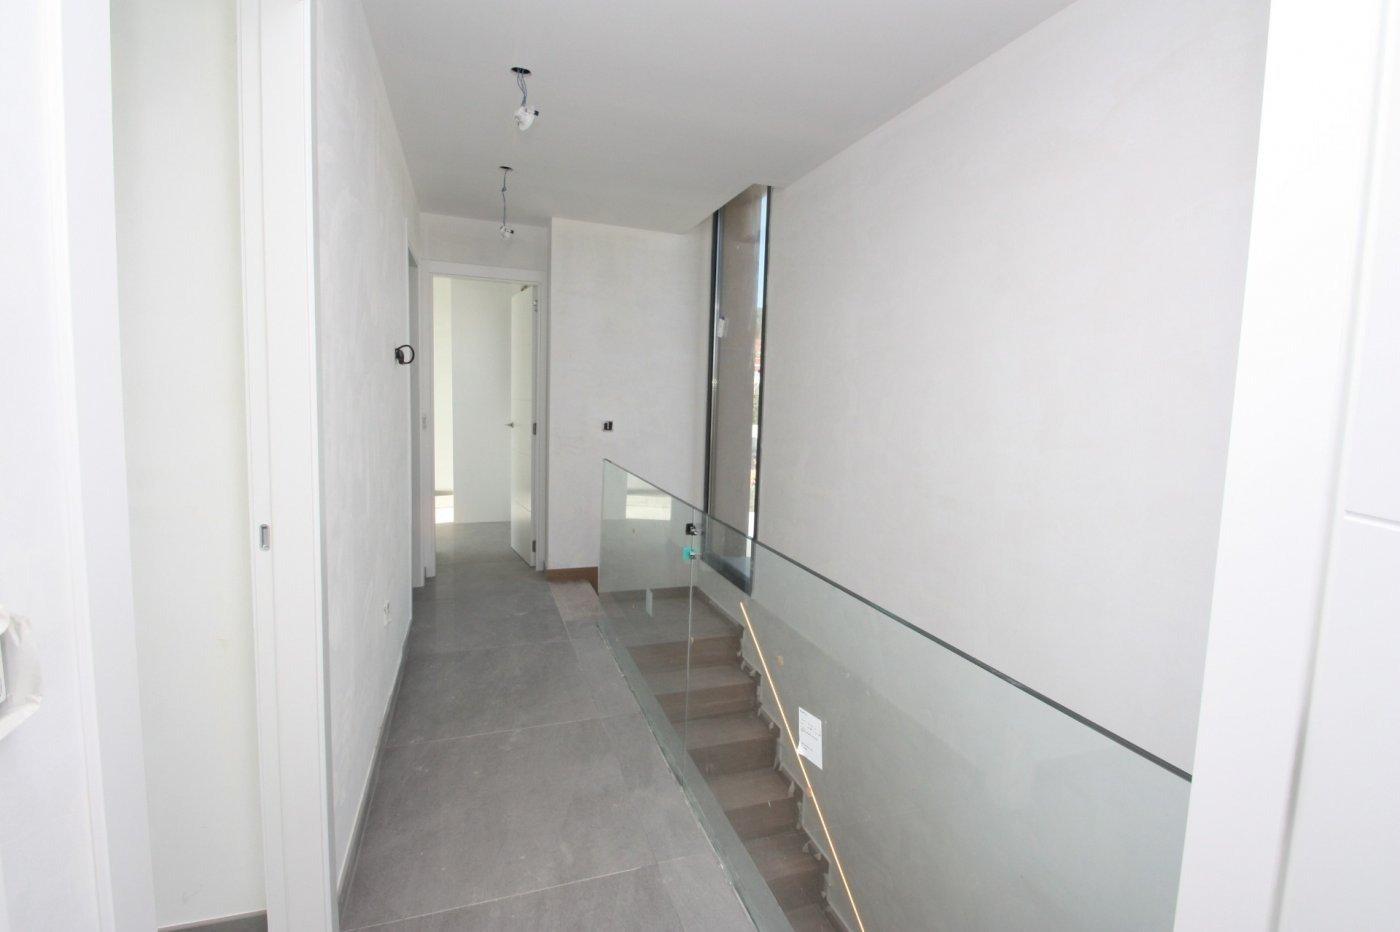 Villa de obra nueva de estilo moderno en venta en calpe a 600 m de la playa - imagenInmueble19